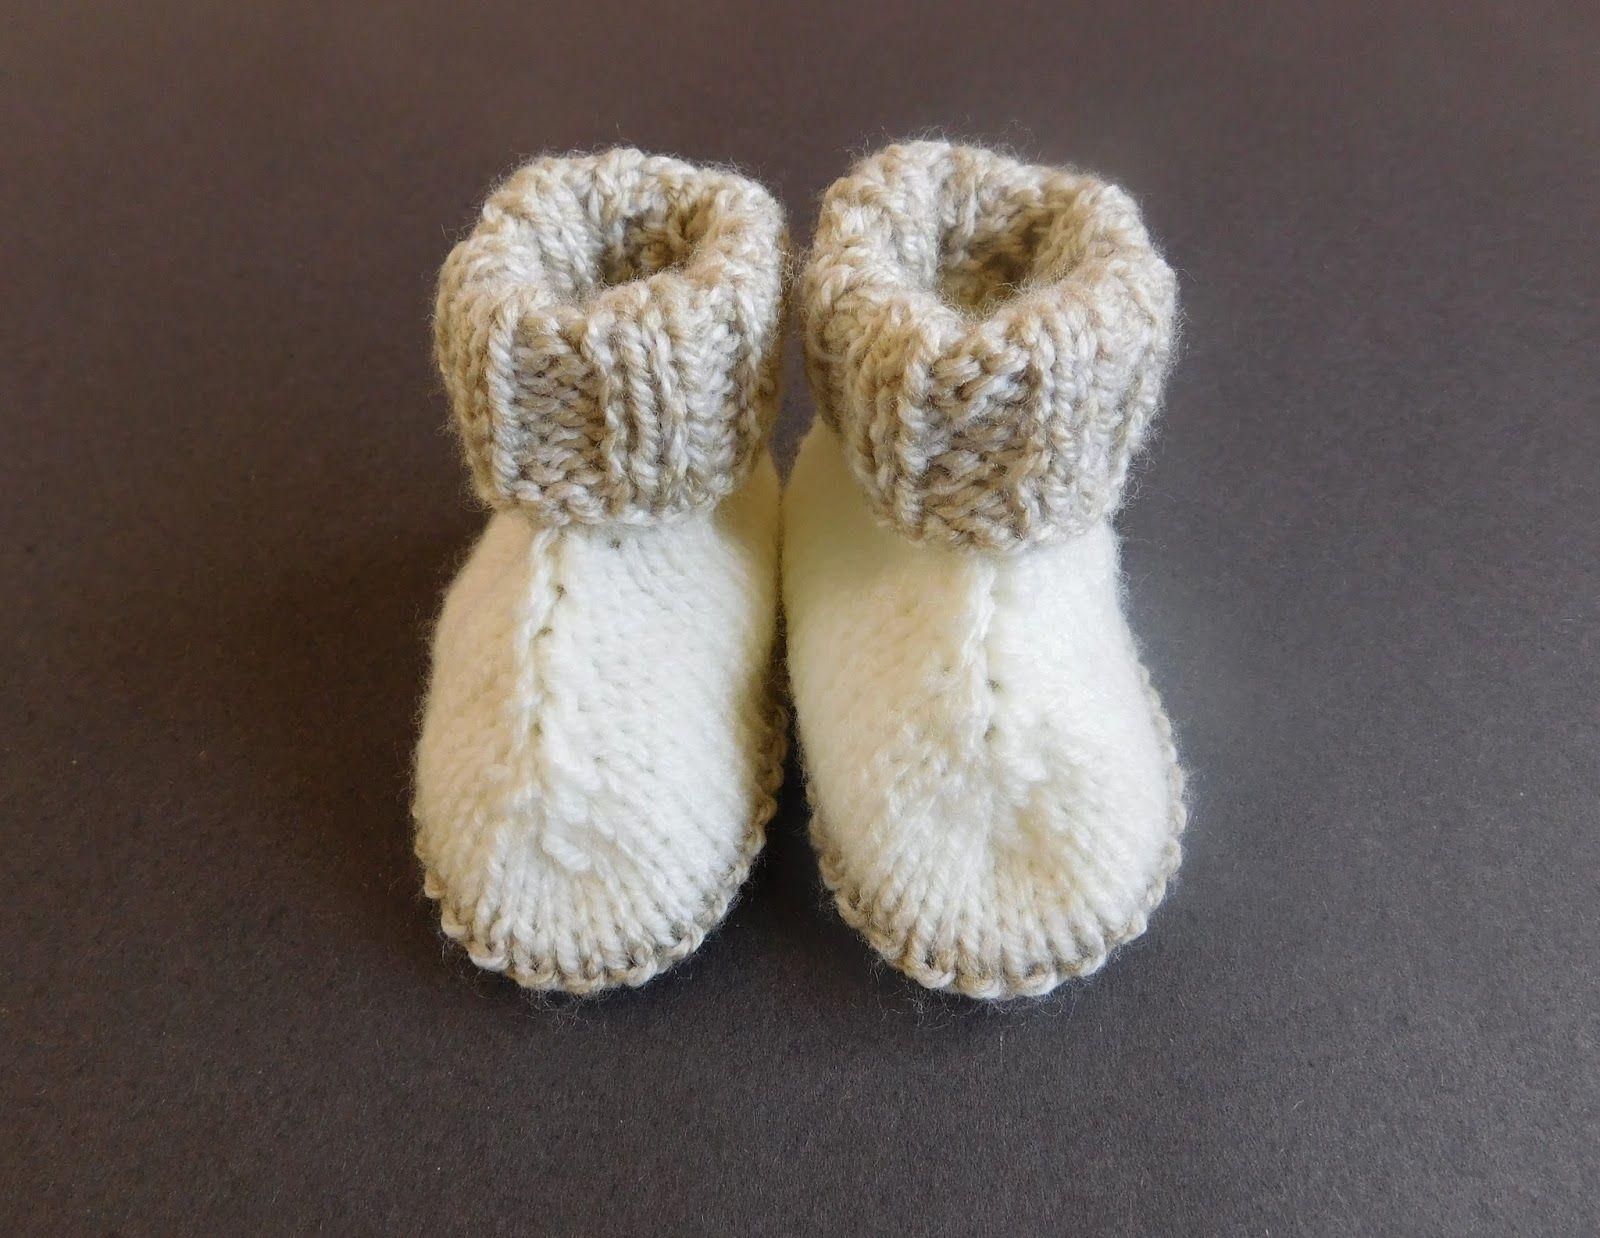 e369447ac4e3 marianna s lazy daisy days - Baby Hug Boots - free pattern